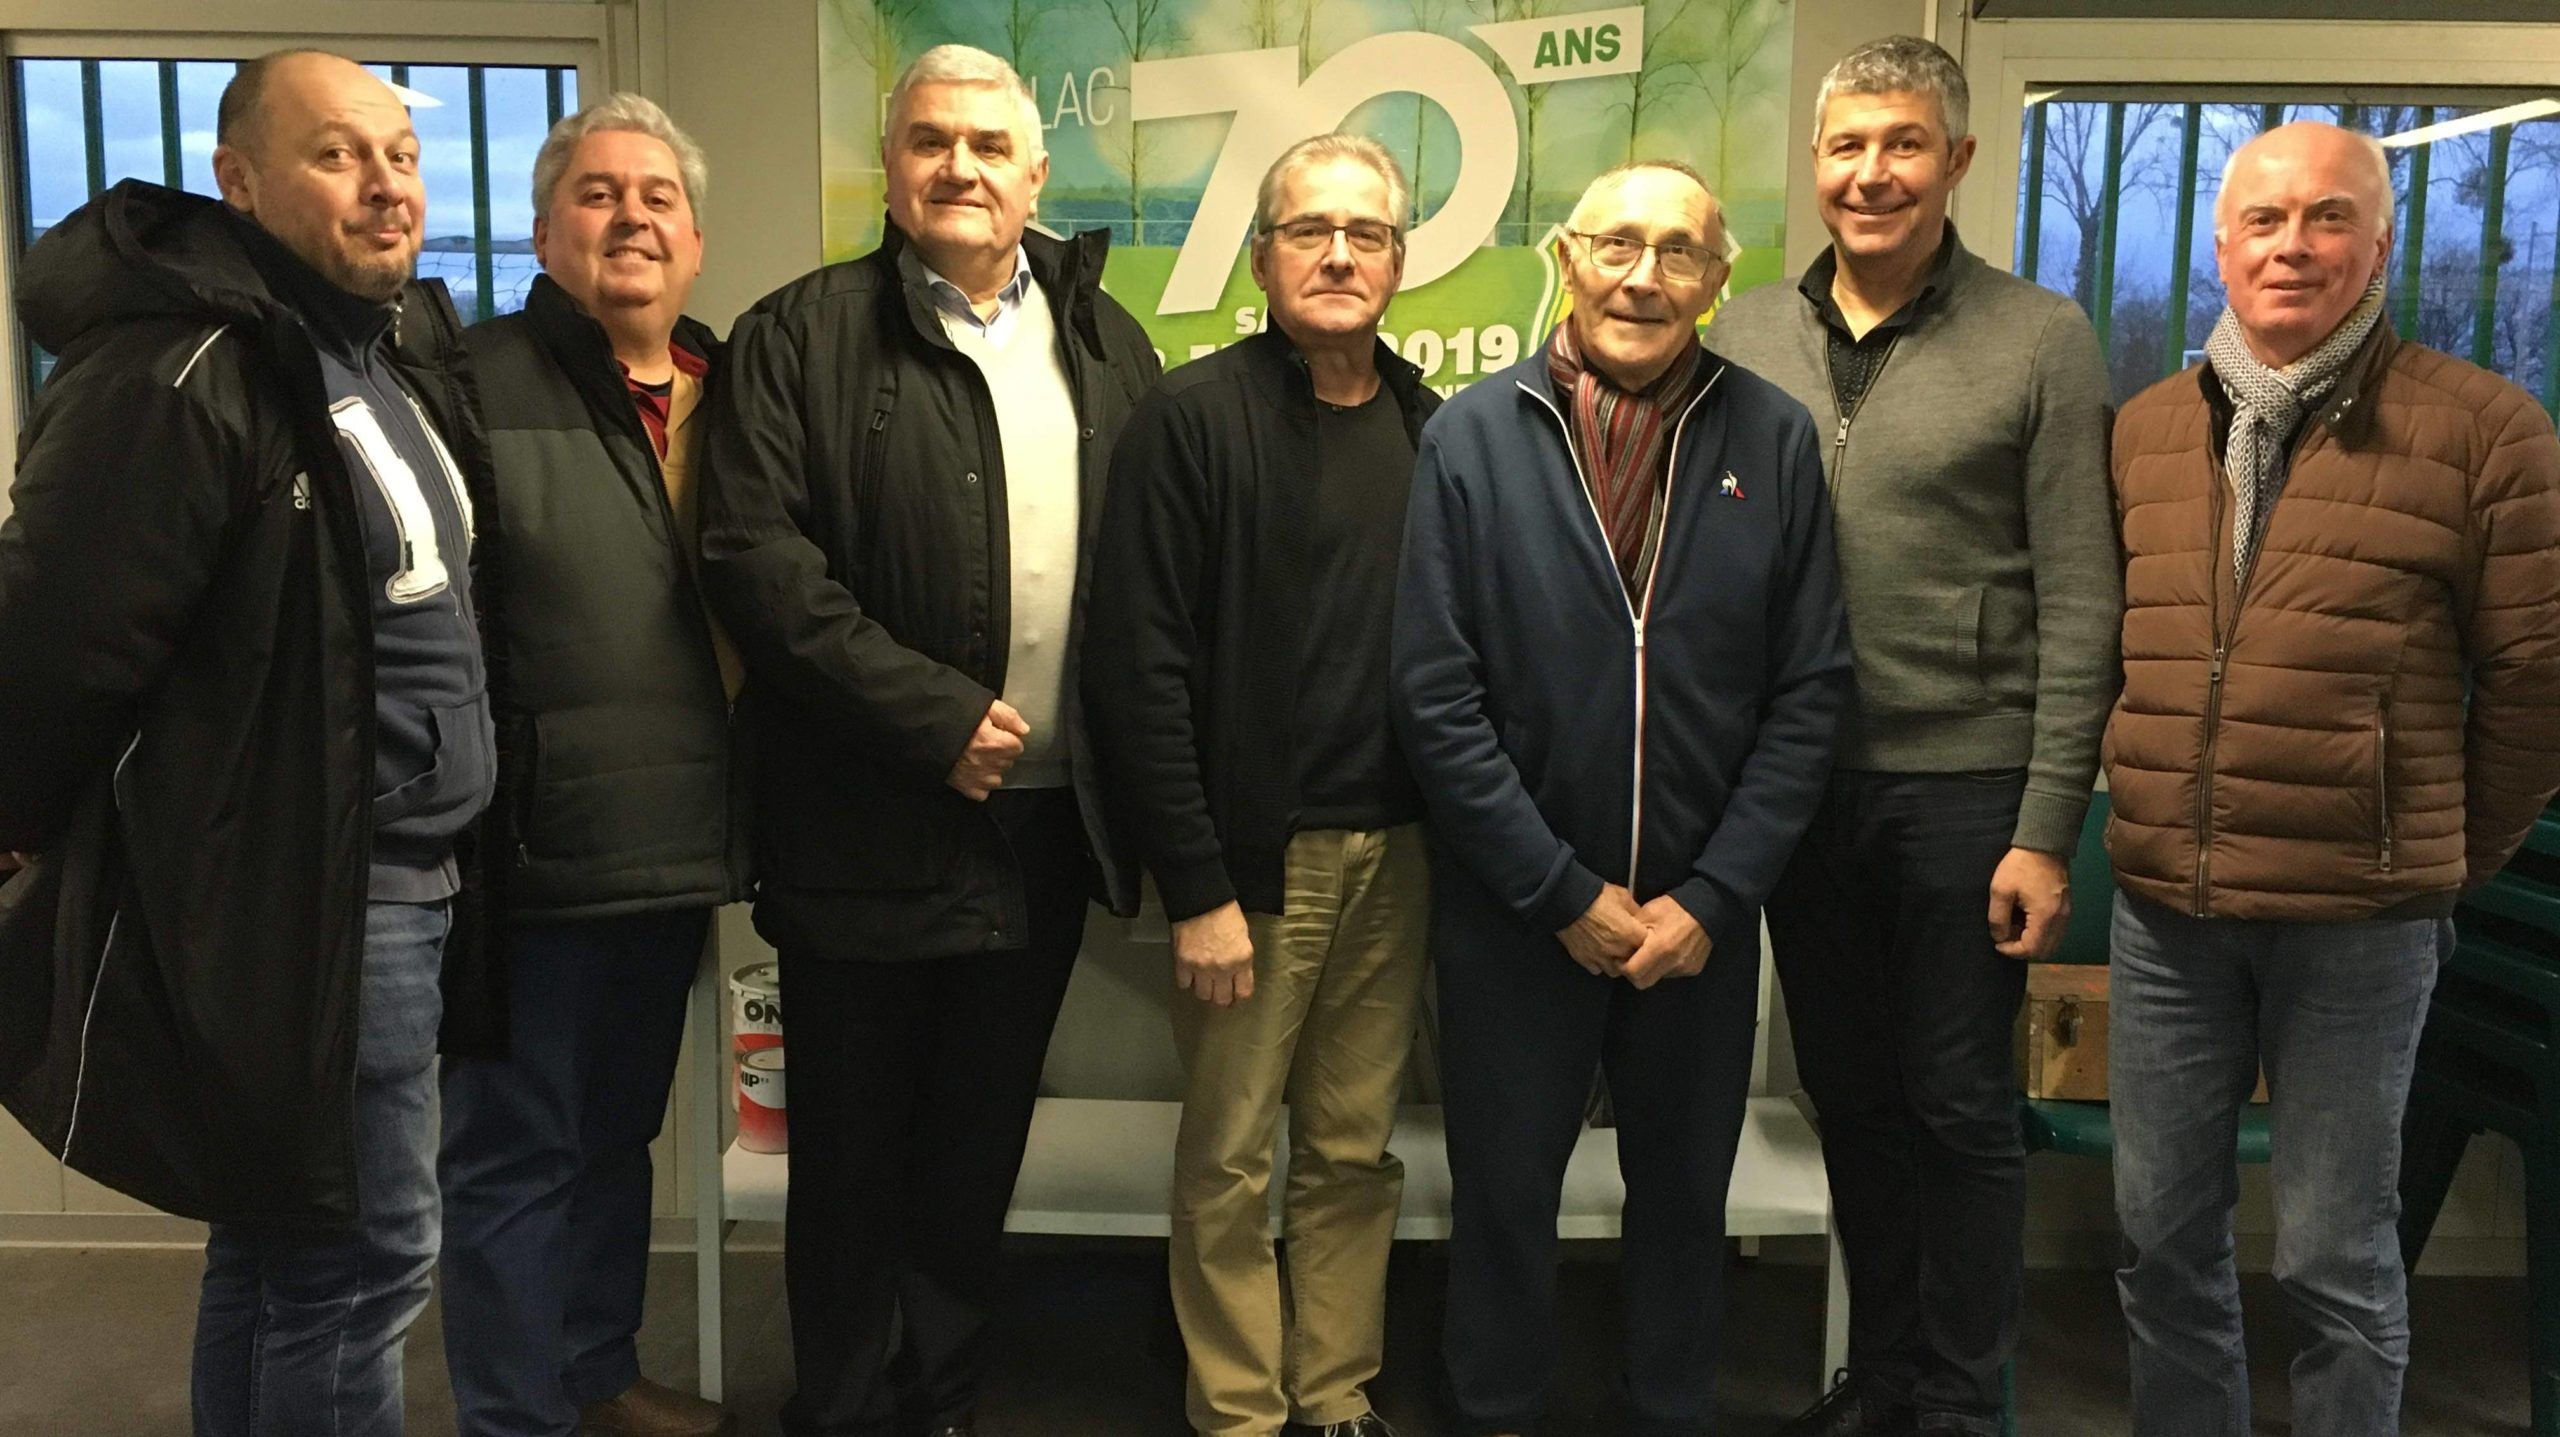 Photo du 11/01/2019 avec les 7 présidents de l'ESL.